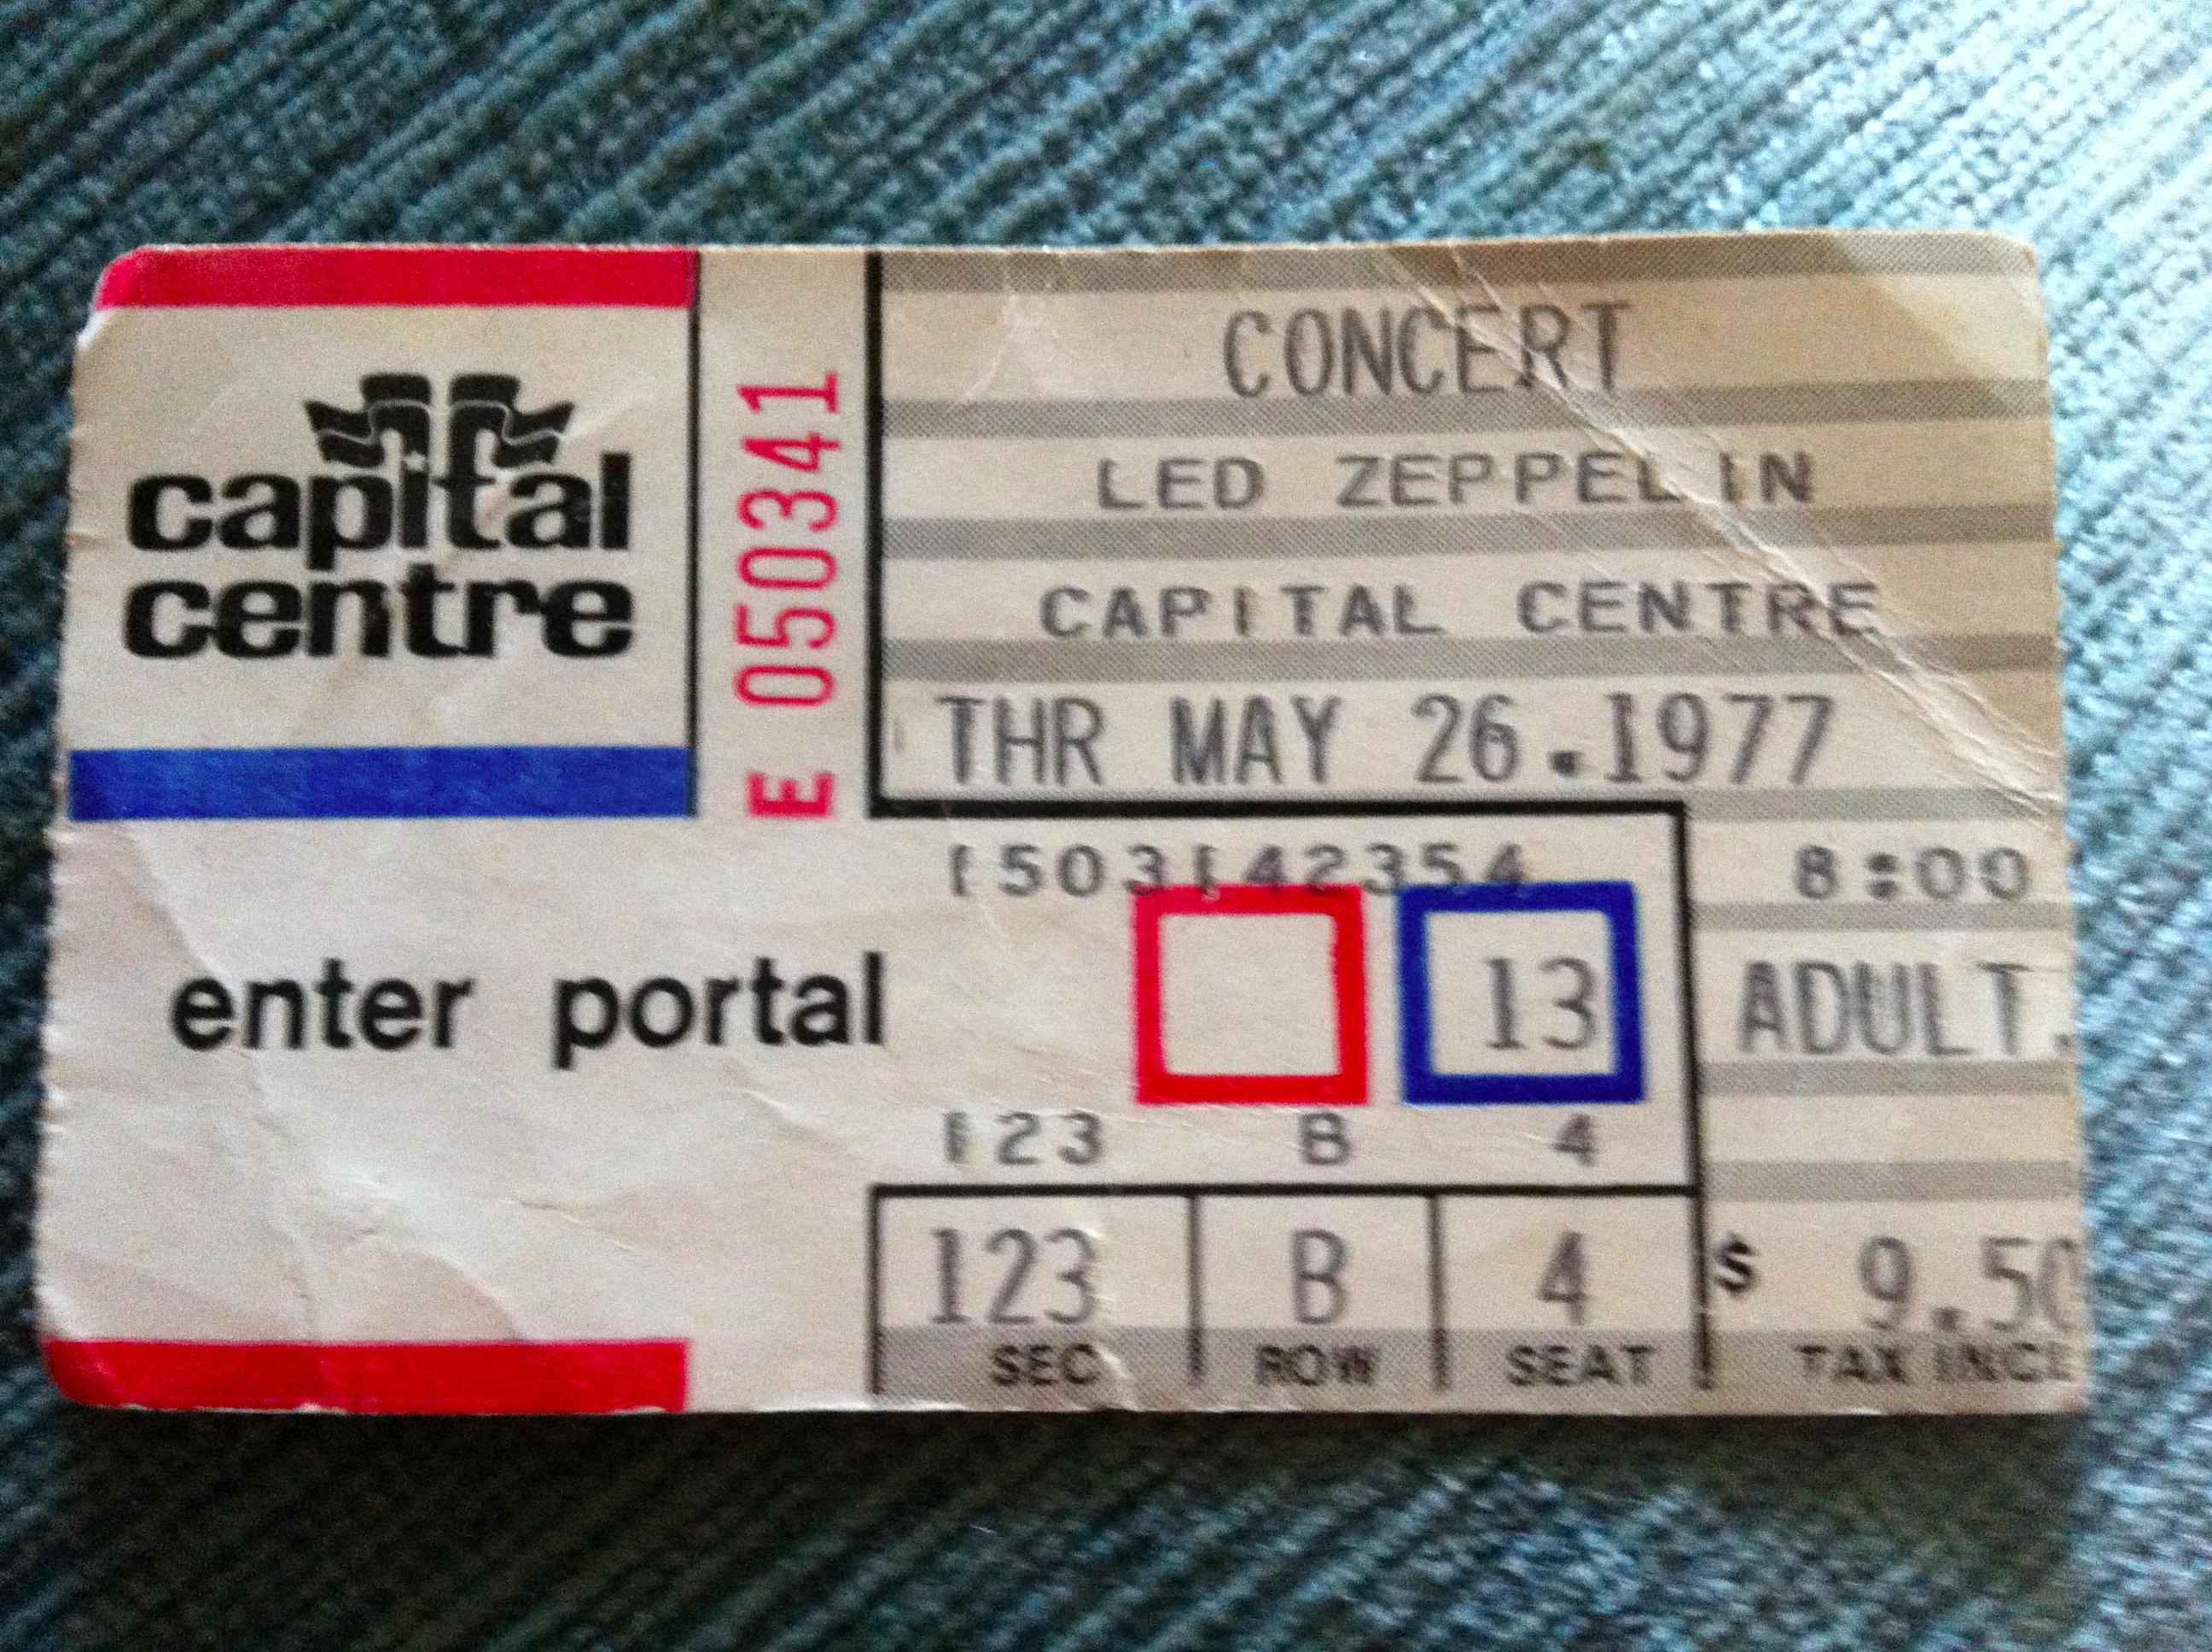 Led Zeppelin concert ticket